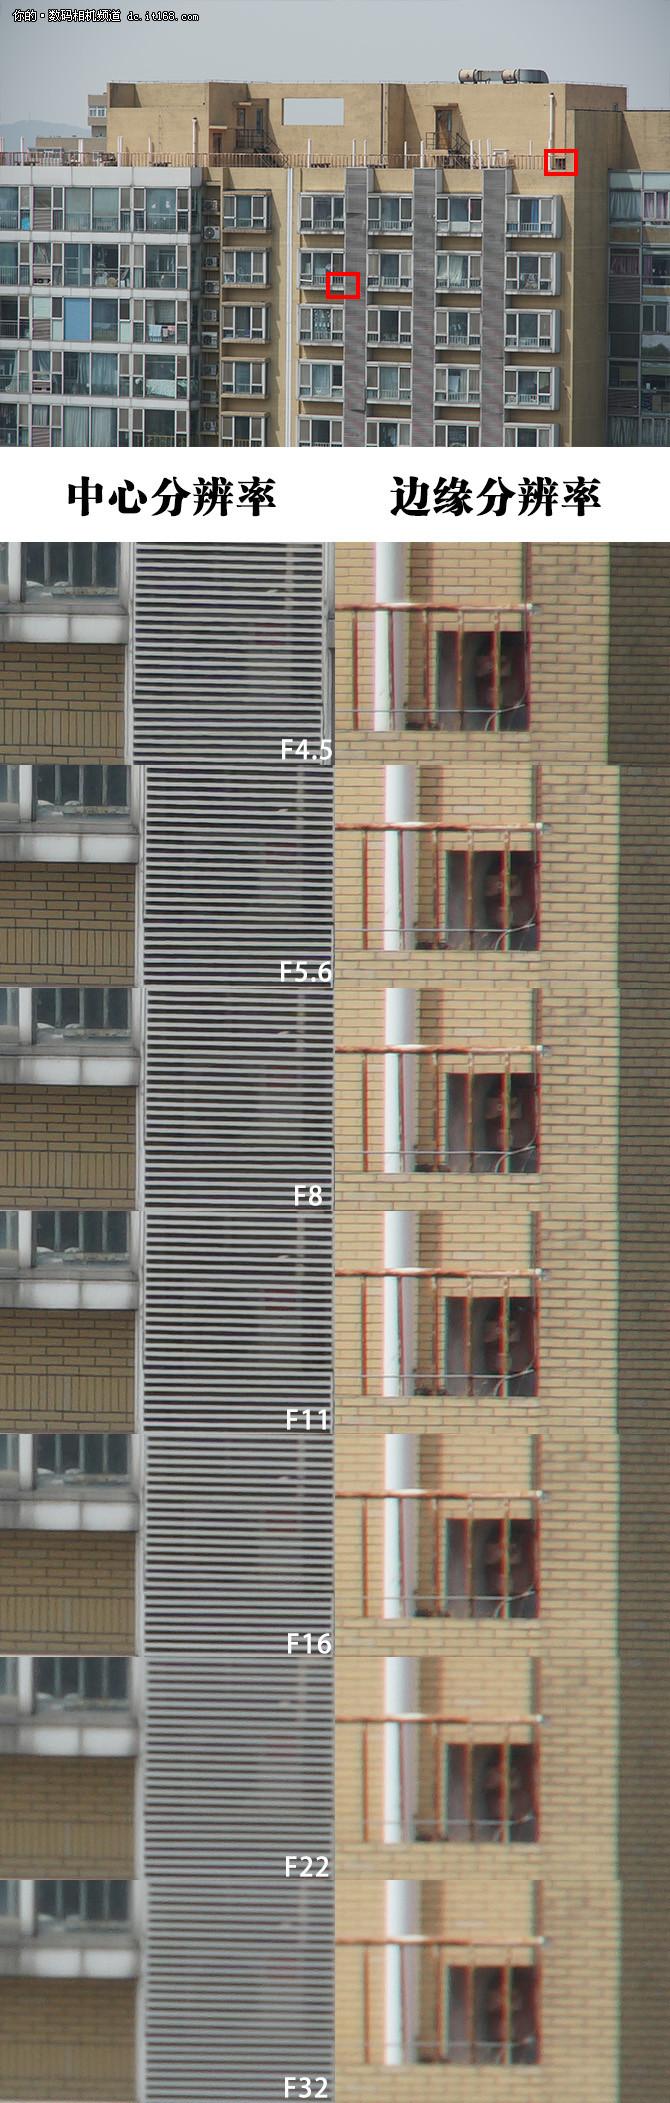 紧凑高素质 索尼18-135镜头解析力评测